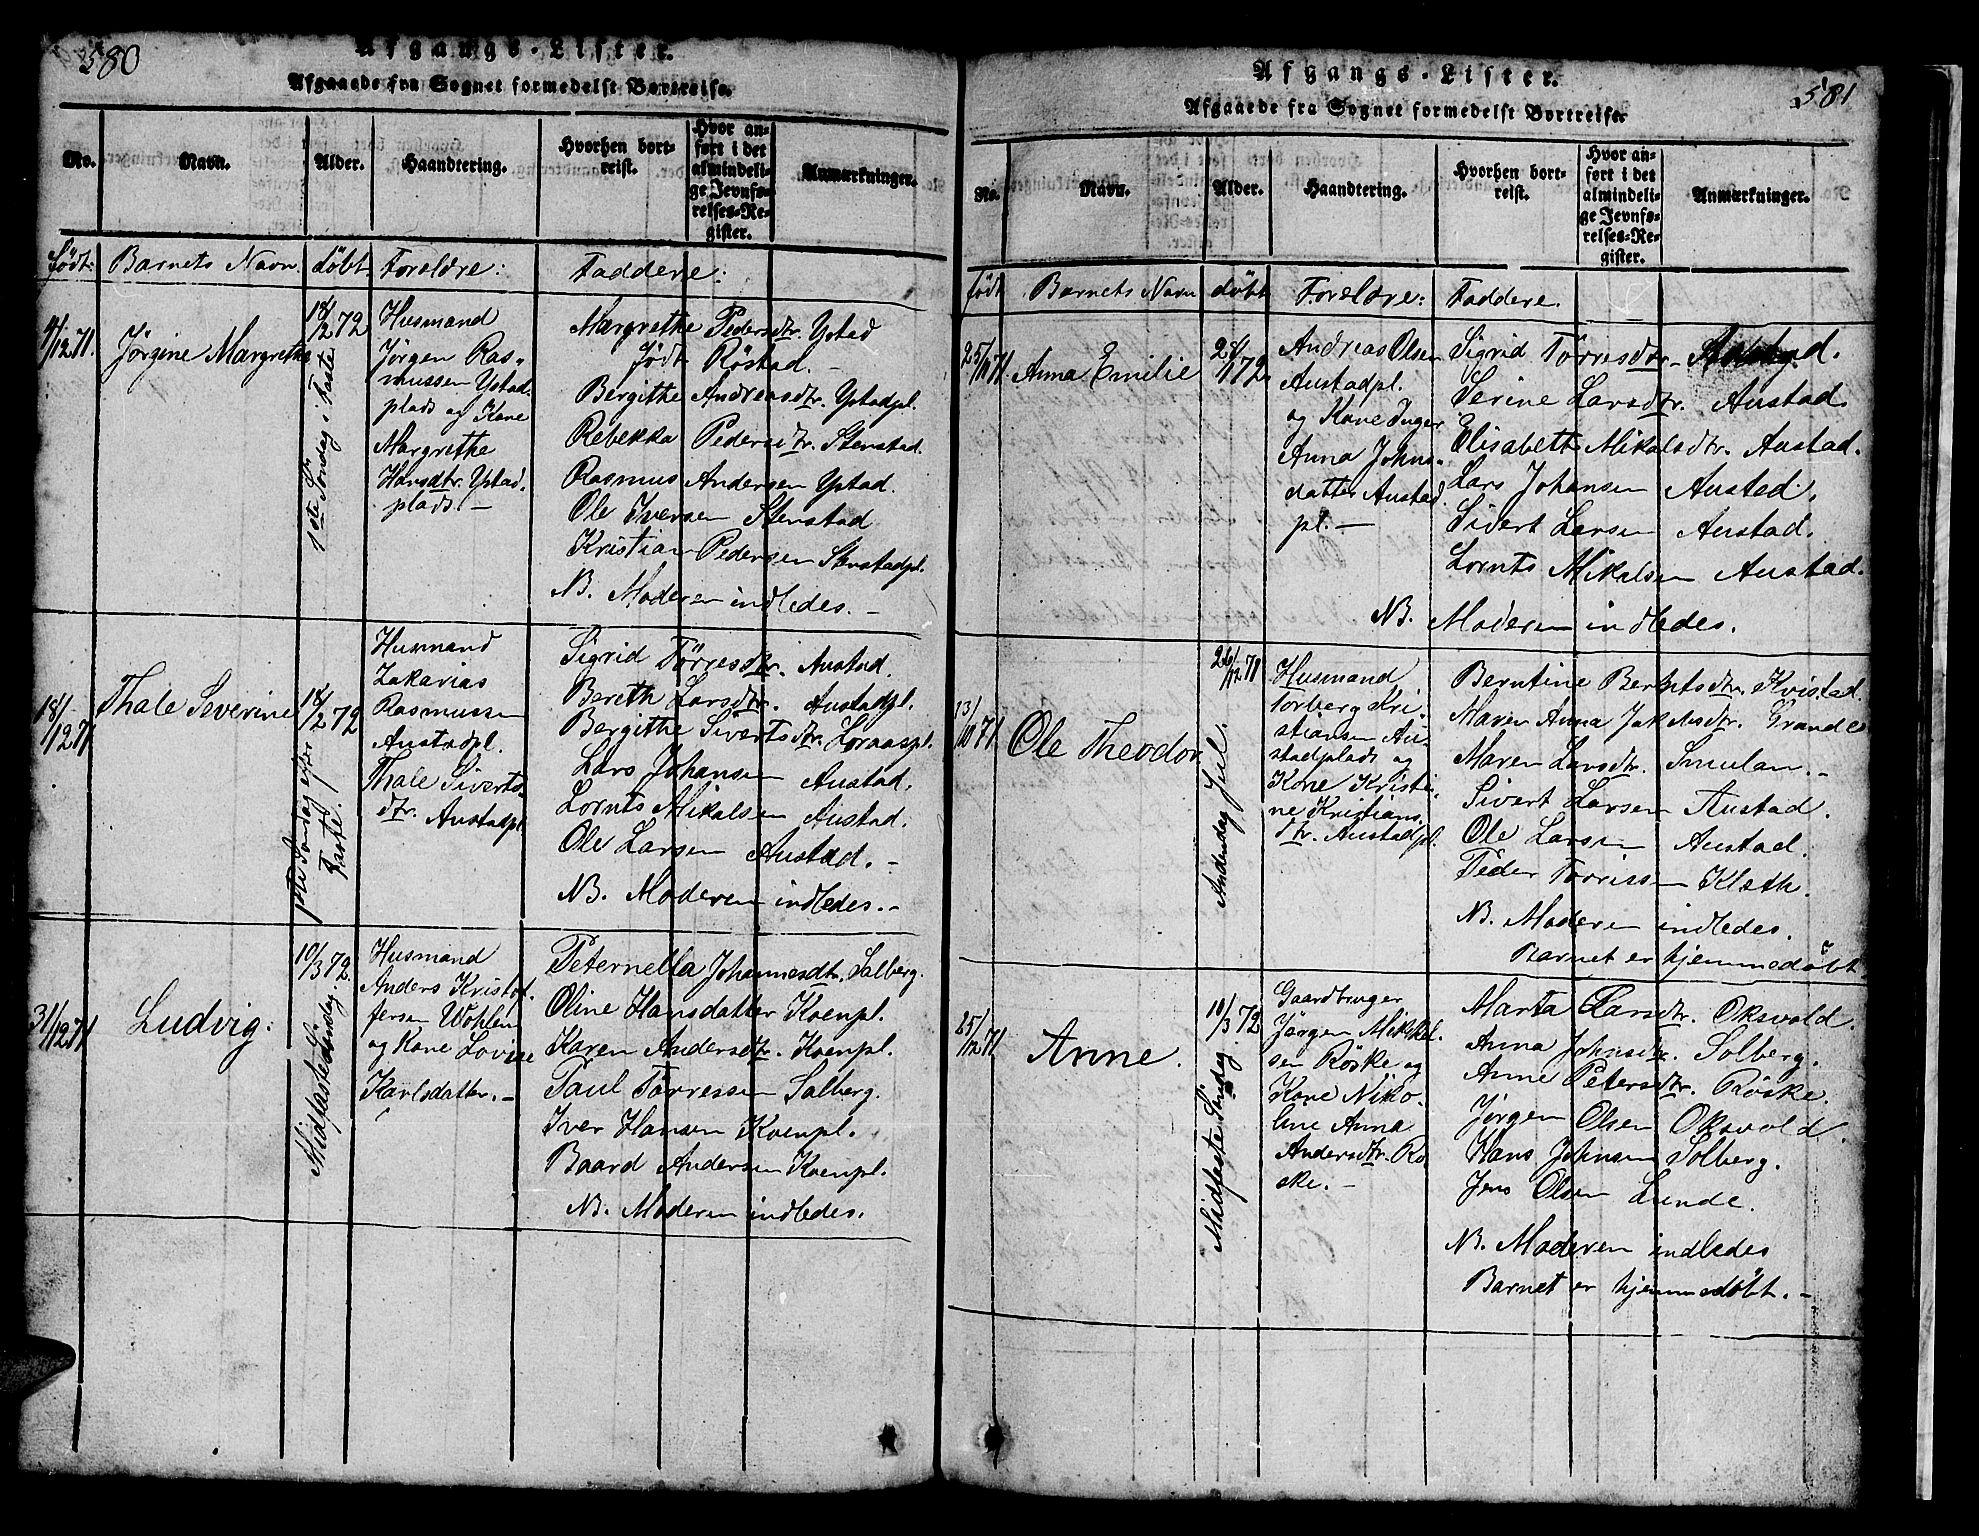 SAT, Ministerialprotokoller, klokkerbøker og fødselsregistre - Nord-Trøndelag, 731/L0310: Klokkerbok nr. 731C01, 1816-1874, s. 580-581